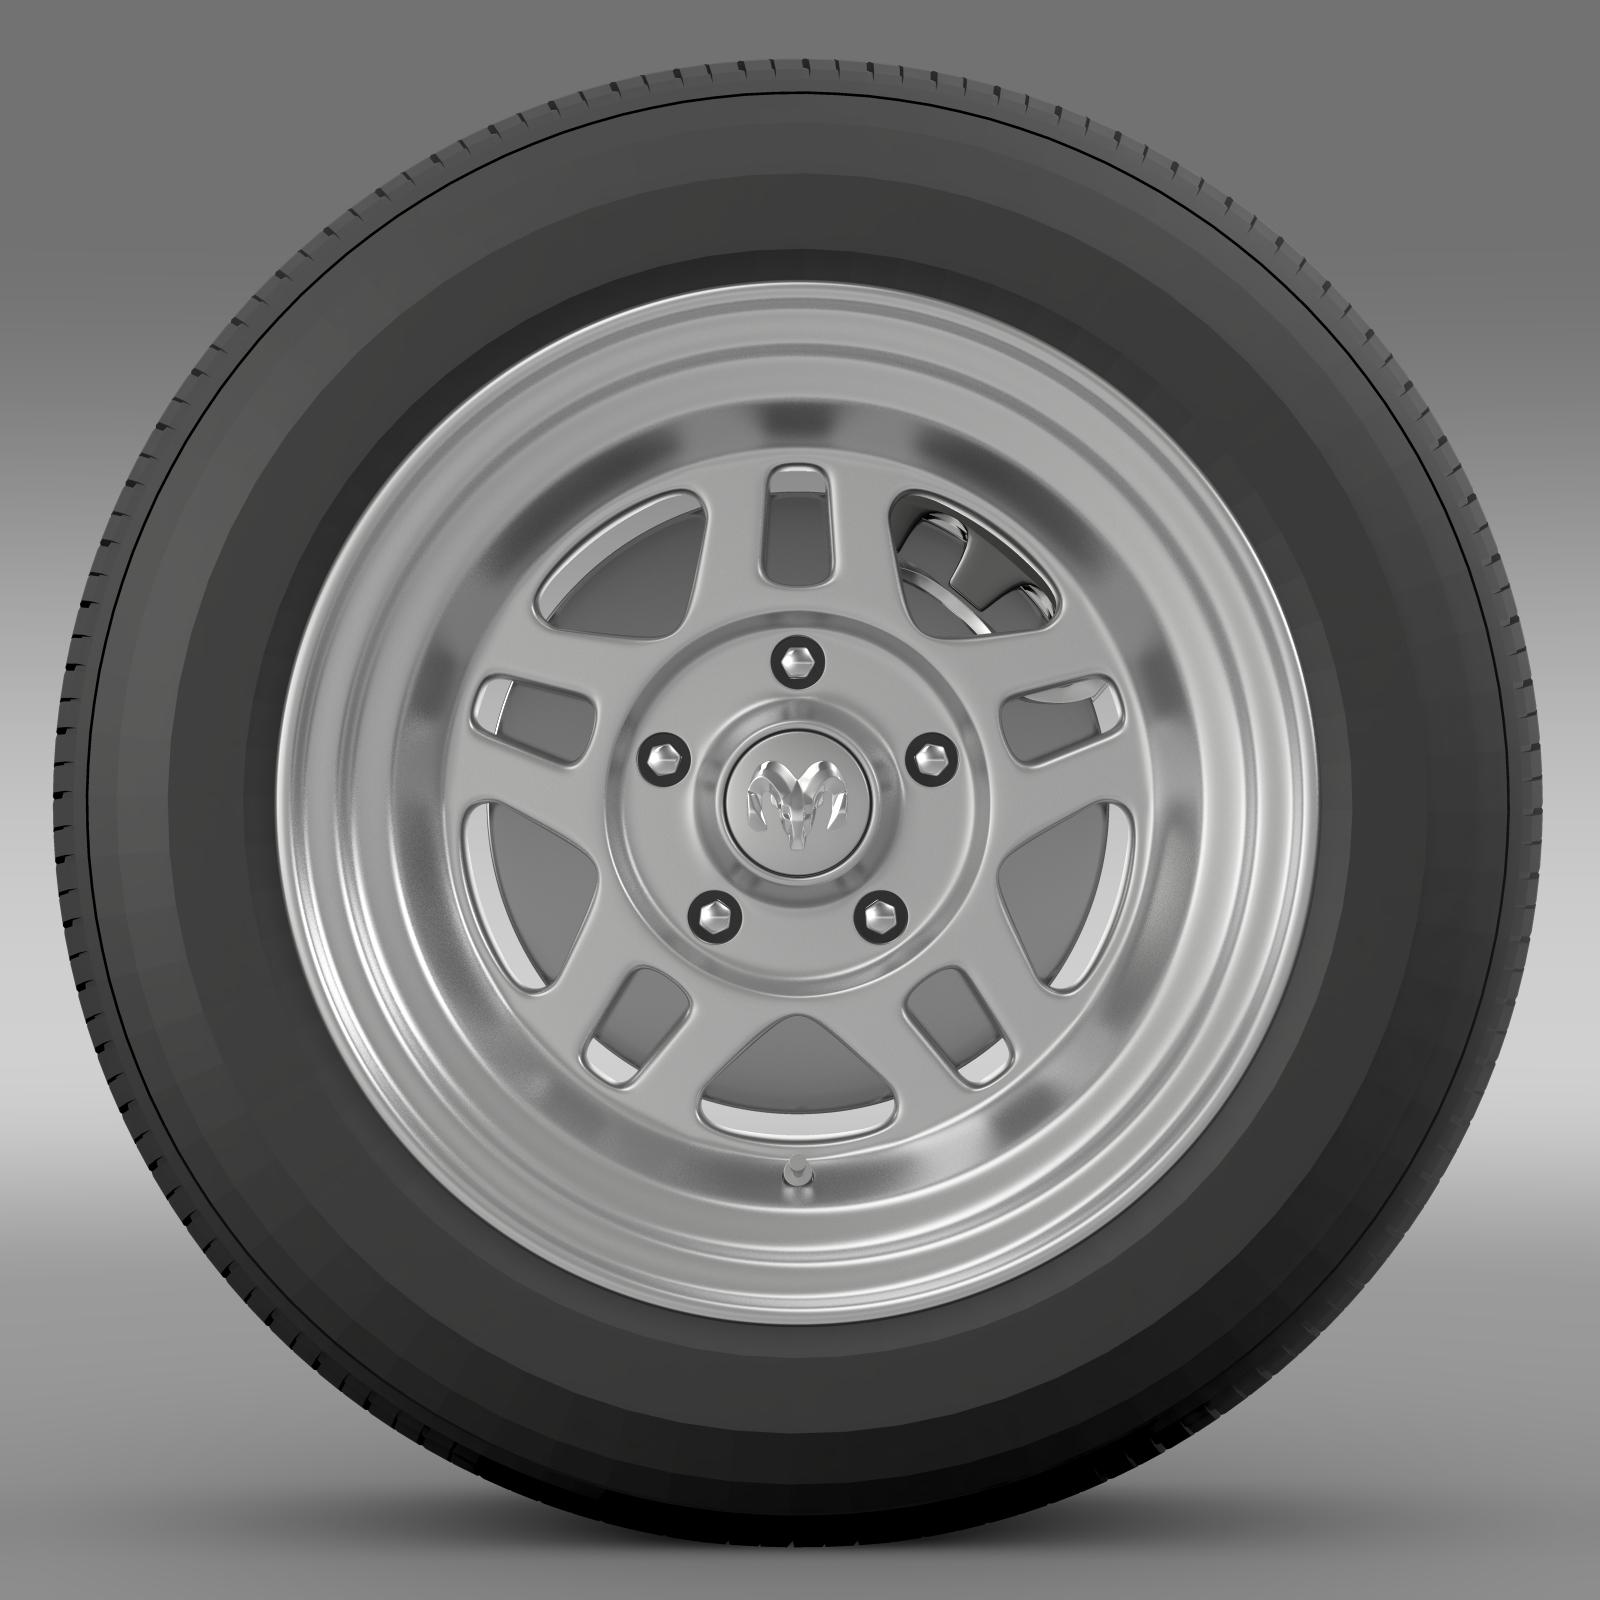 Dodge Challenger mopar ritenis 3d modelis 3ds max fbx c4d lwo ma mb hrc xsi obj 212808